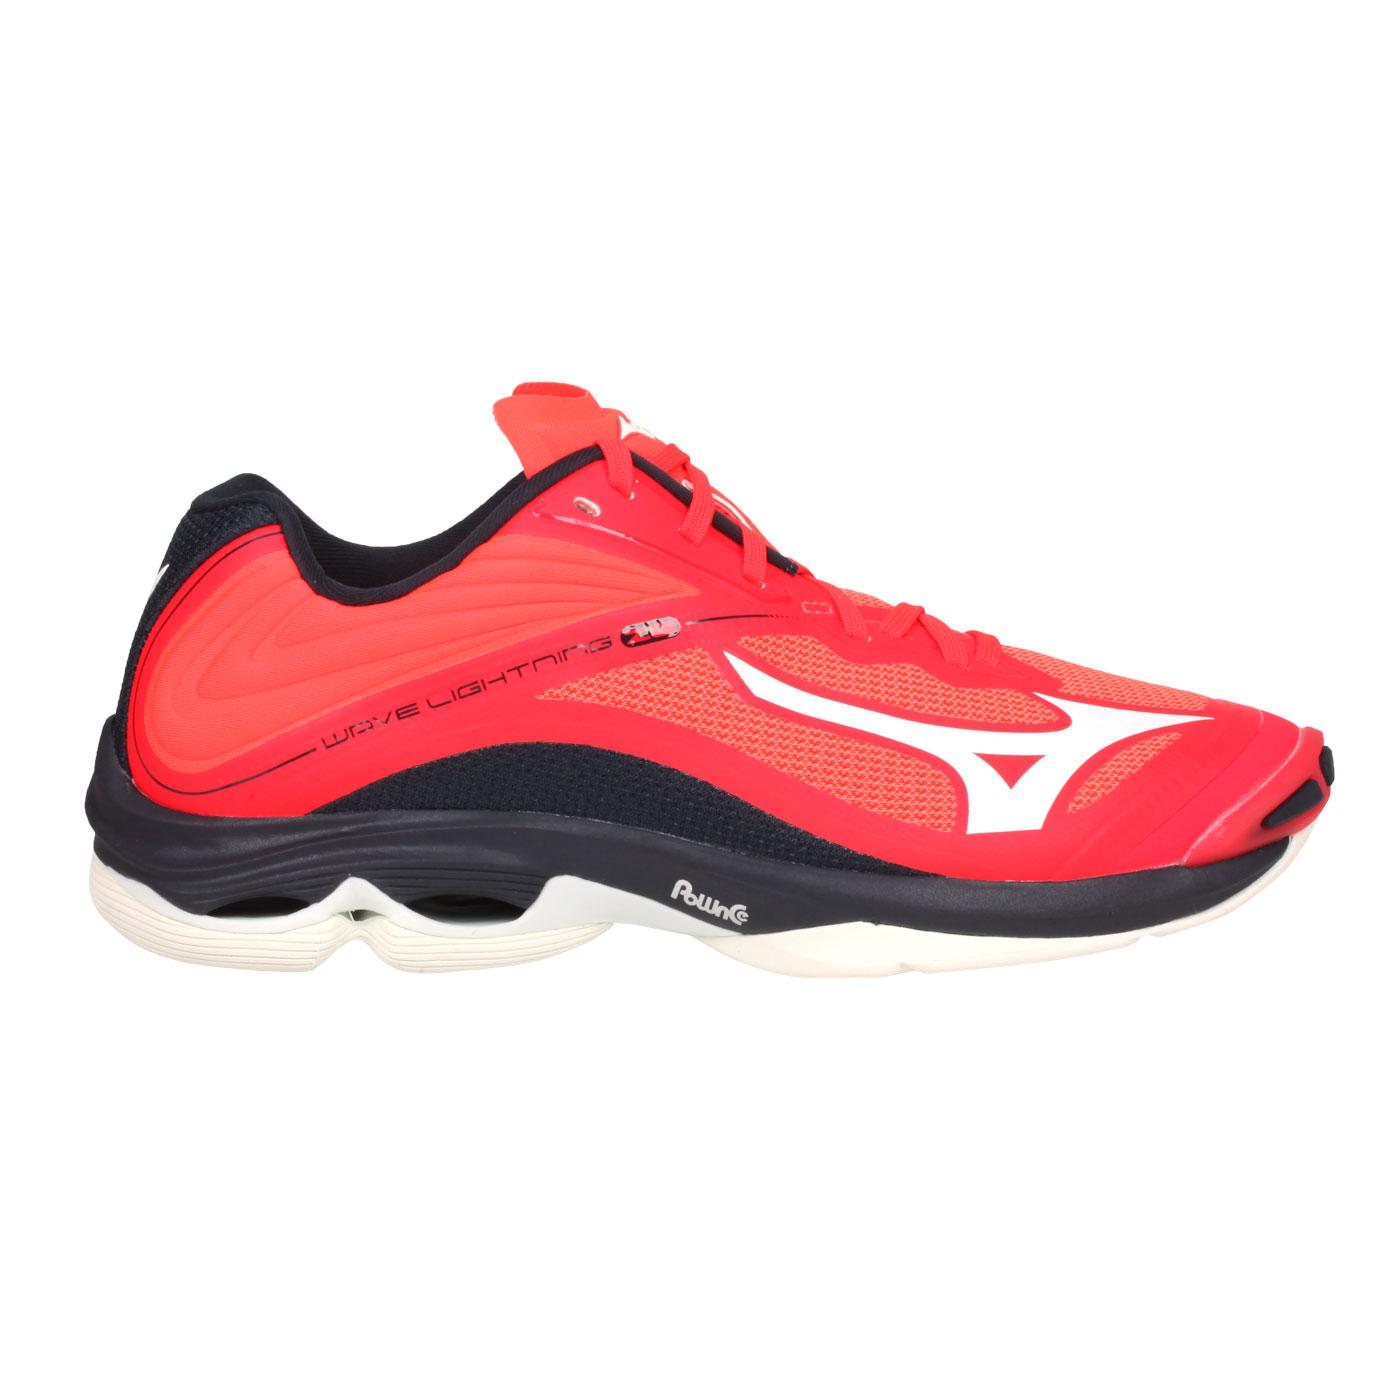 MIZUNO 男款排球鞋  @WAVE LIGHTNING Z6@V1GA200063